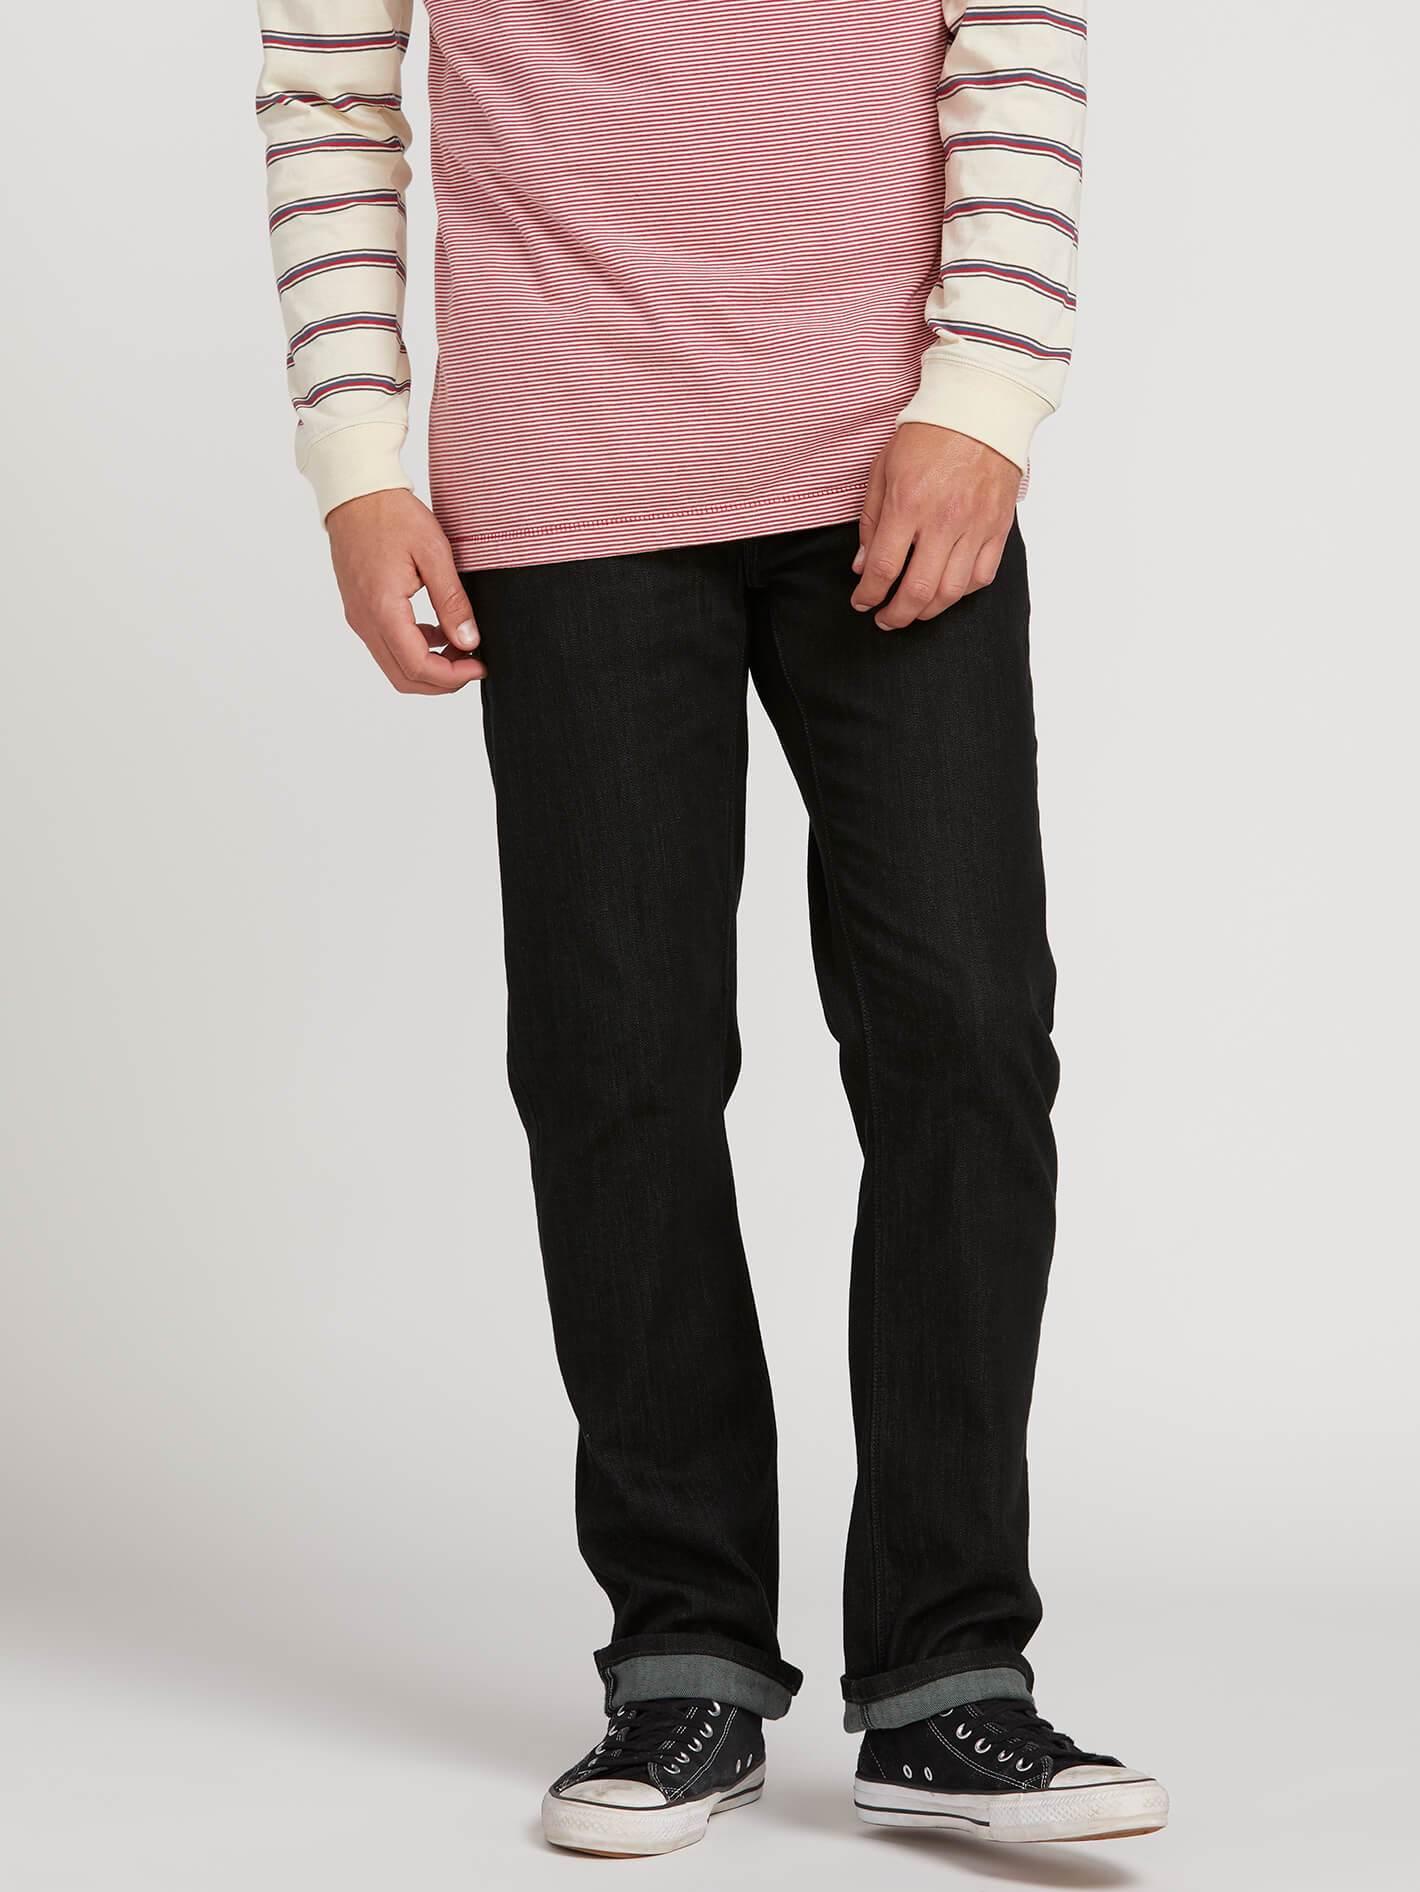 Solver Modern Fit Jeans - Black Rinser - BLACK RINSER / 28 / 32